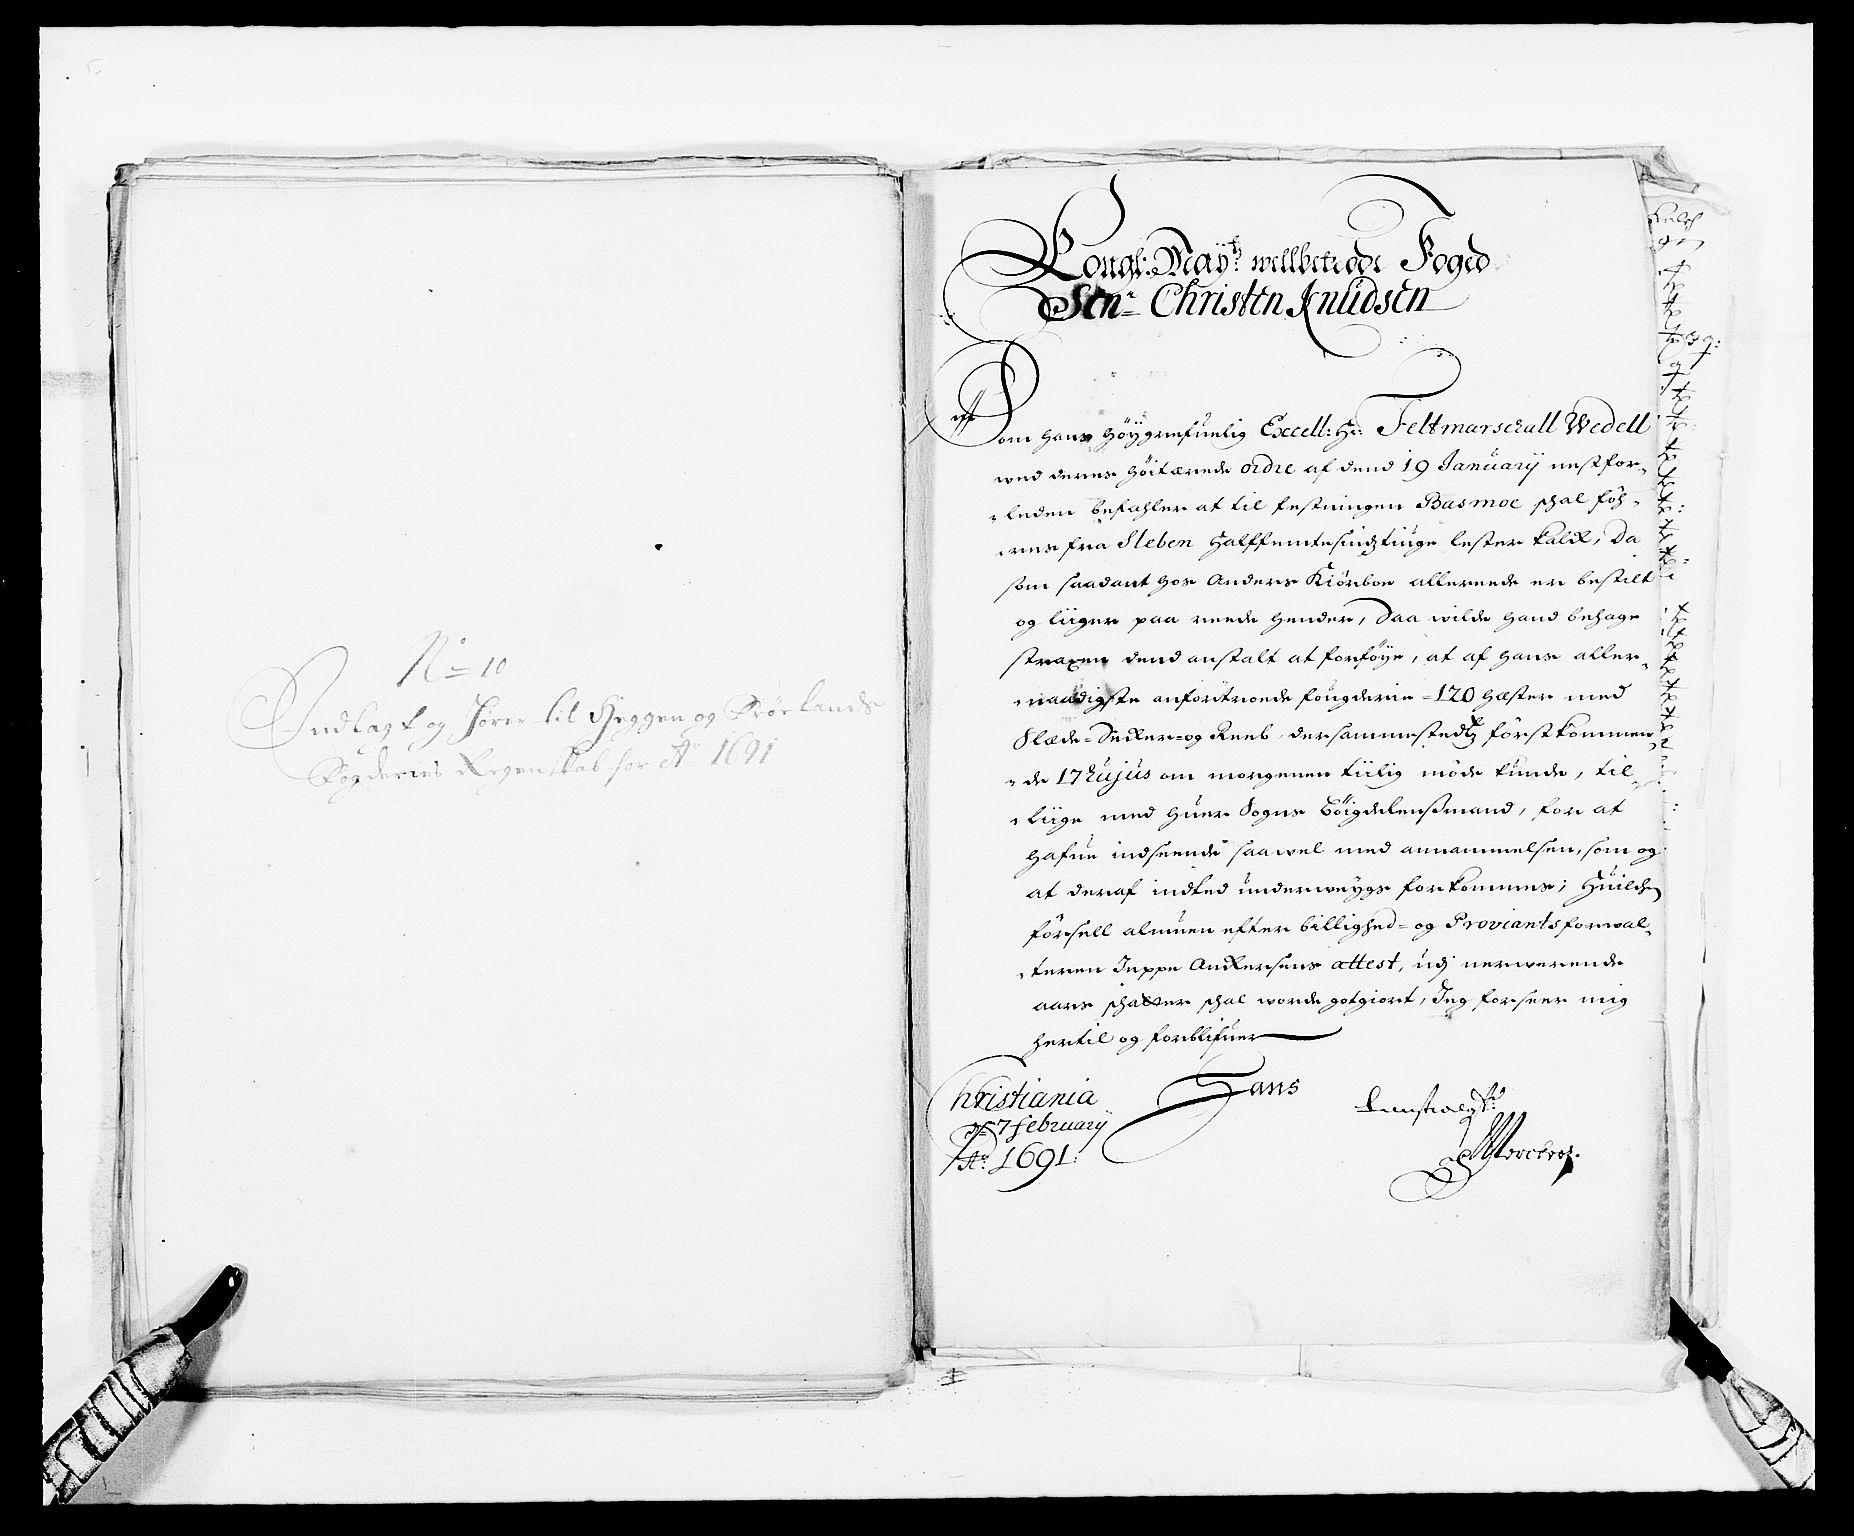 RA, Rentekammeret inntil 1814, Reviderte regnskaper, Fogderegnskap, R06/L0283: Fogderegnskap Heggen og Frøland, 1691-1693, s. 107